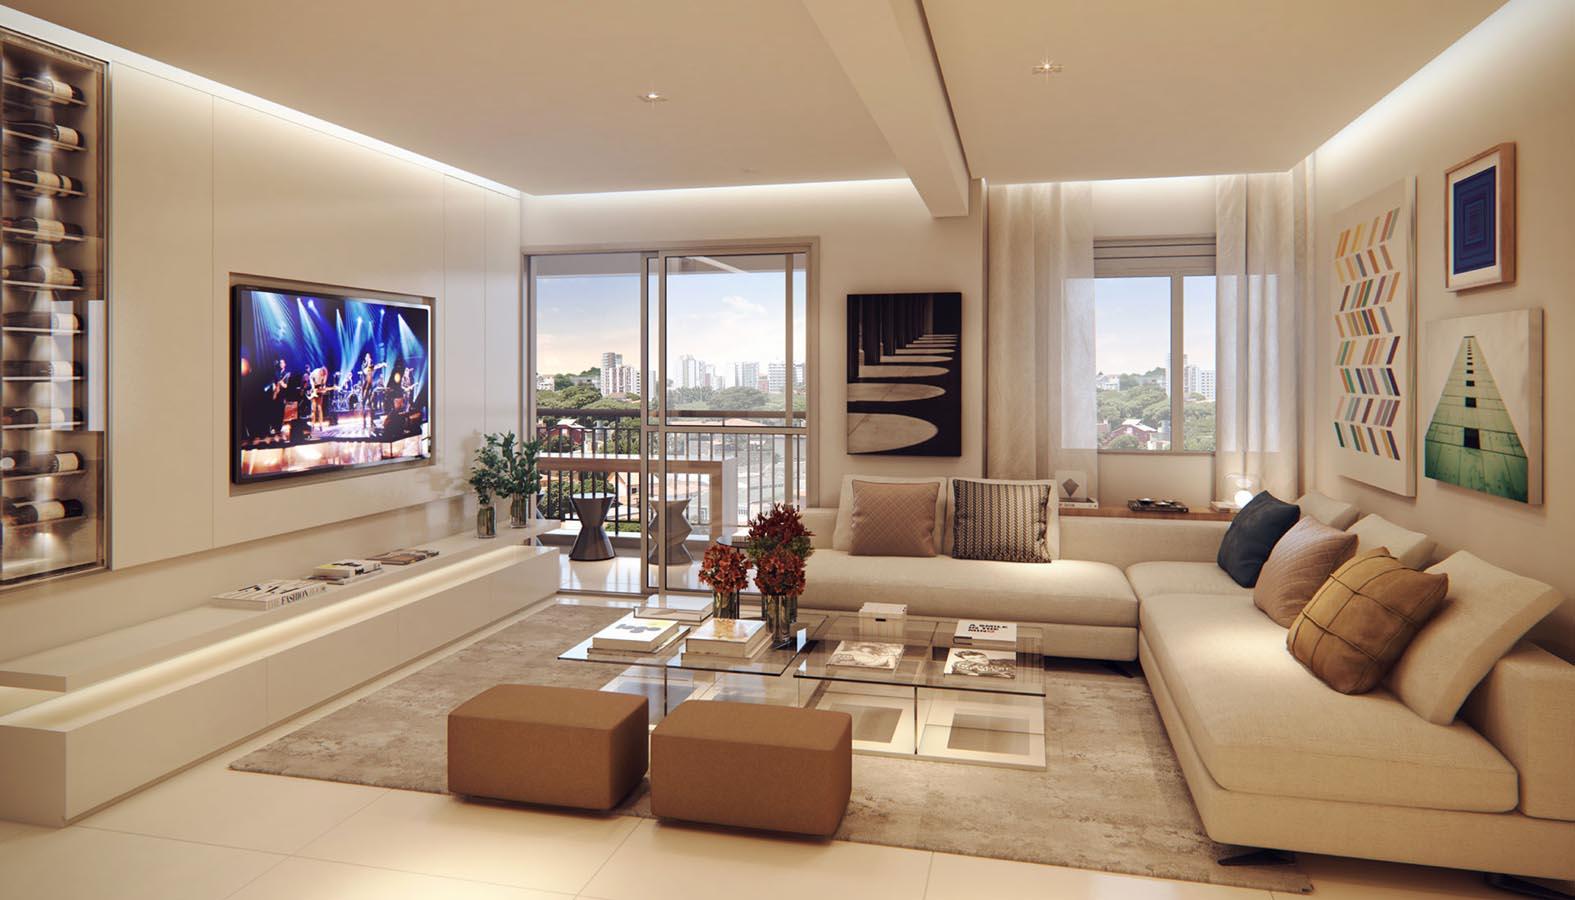 Perspectiva ilustrada do living Ampliado do Apto. Decorado de 76 m², sujeita a alteração.